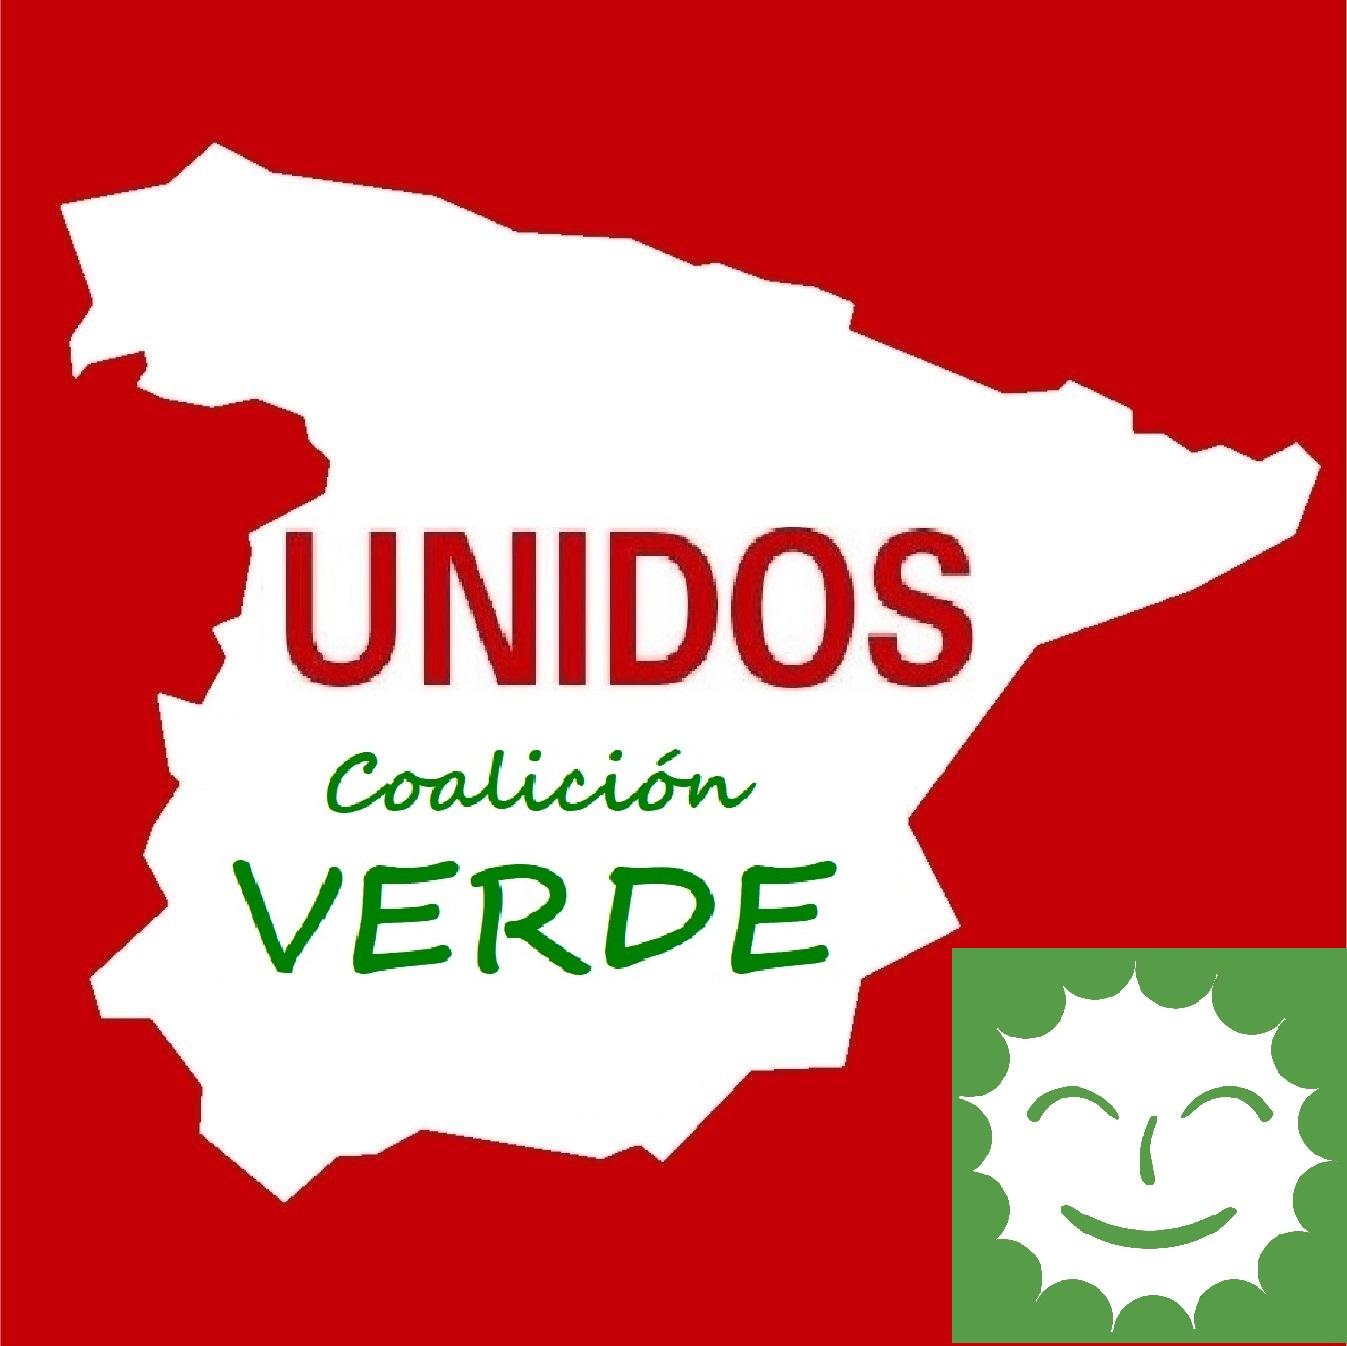 logotipo-unidos-coalicion-verde-cam21-color